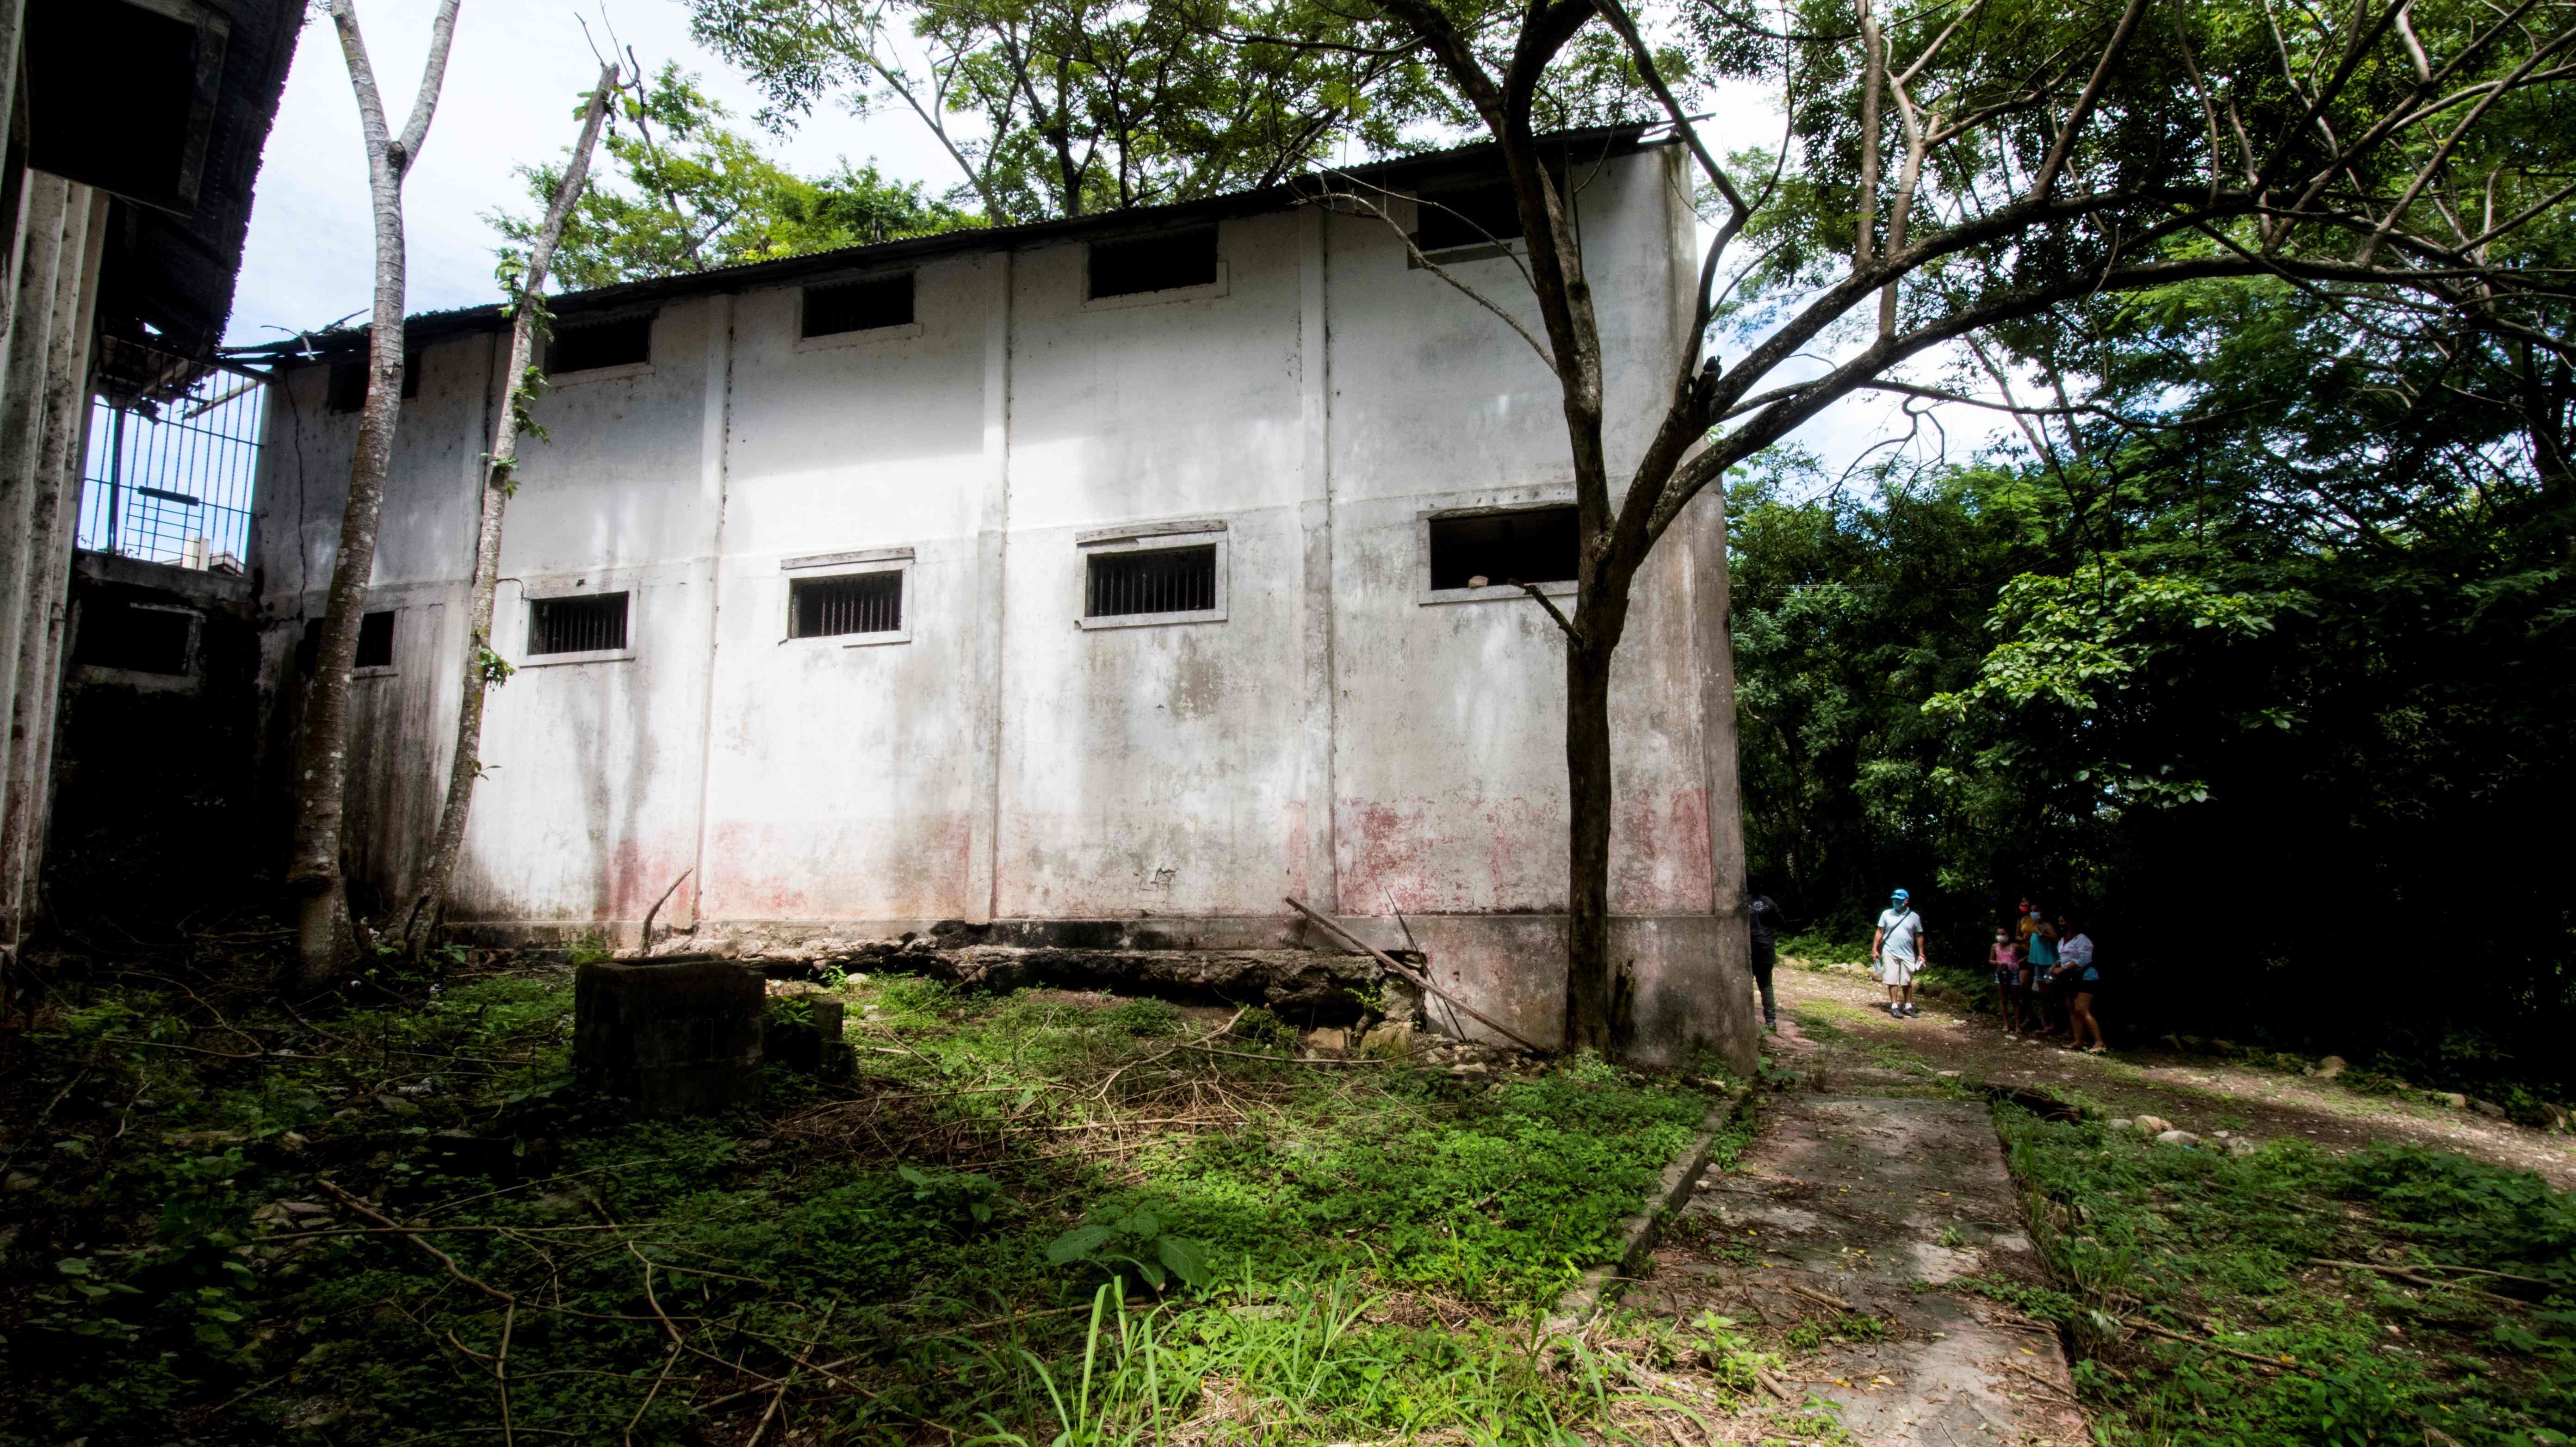 Le Costa Rica transforme une lugubre ?le-prison en paradis touristique